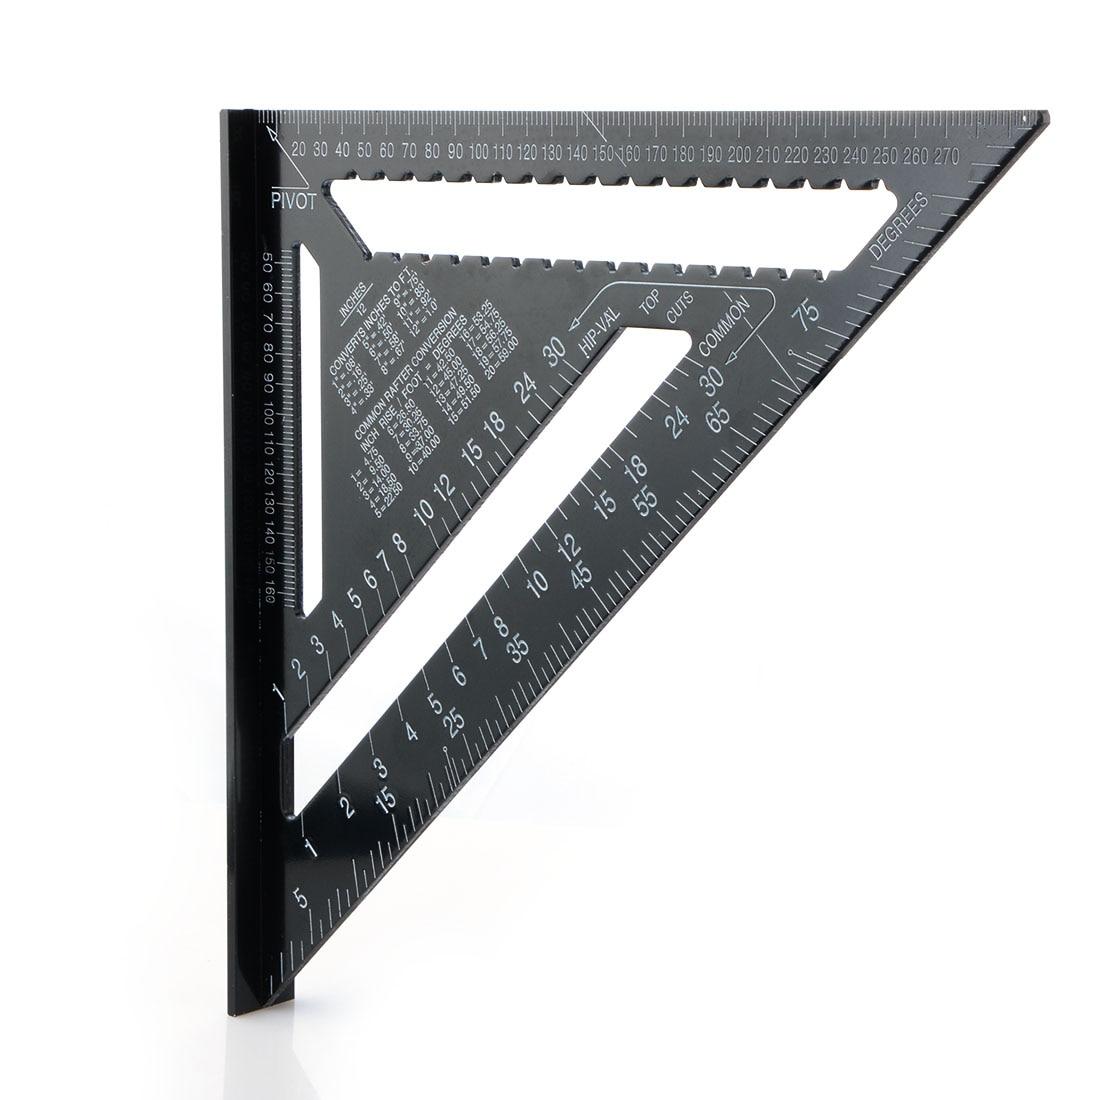 12 인치 삼각형 각도 눈금자 각도기 목공 측정 도구 30cm 빠른 읽기 사각형 레이아웃 게이지 도구 고정밀